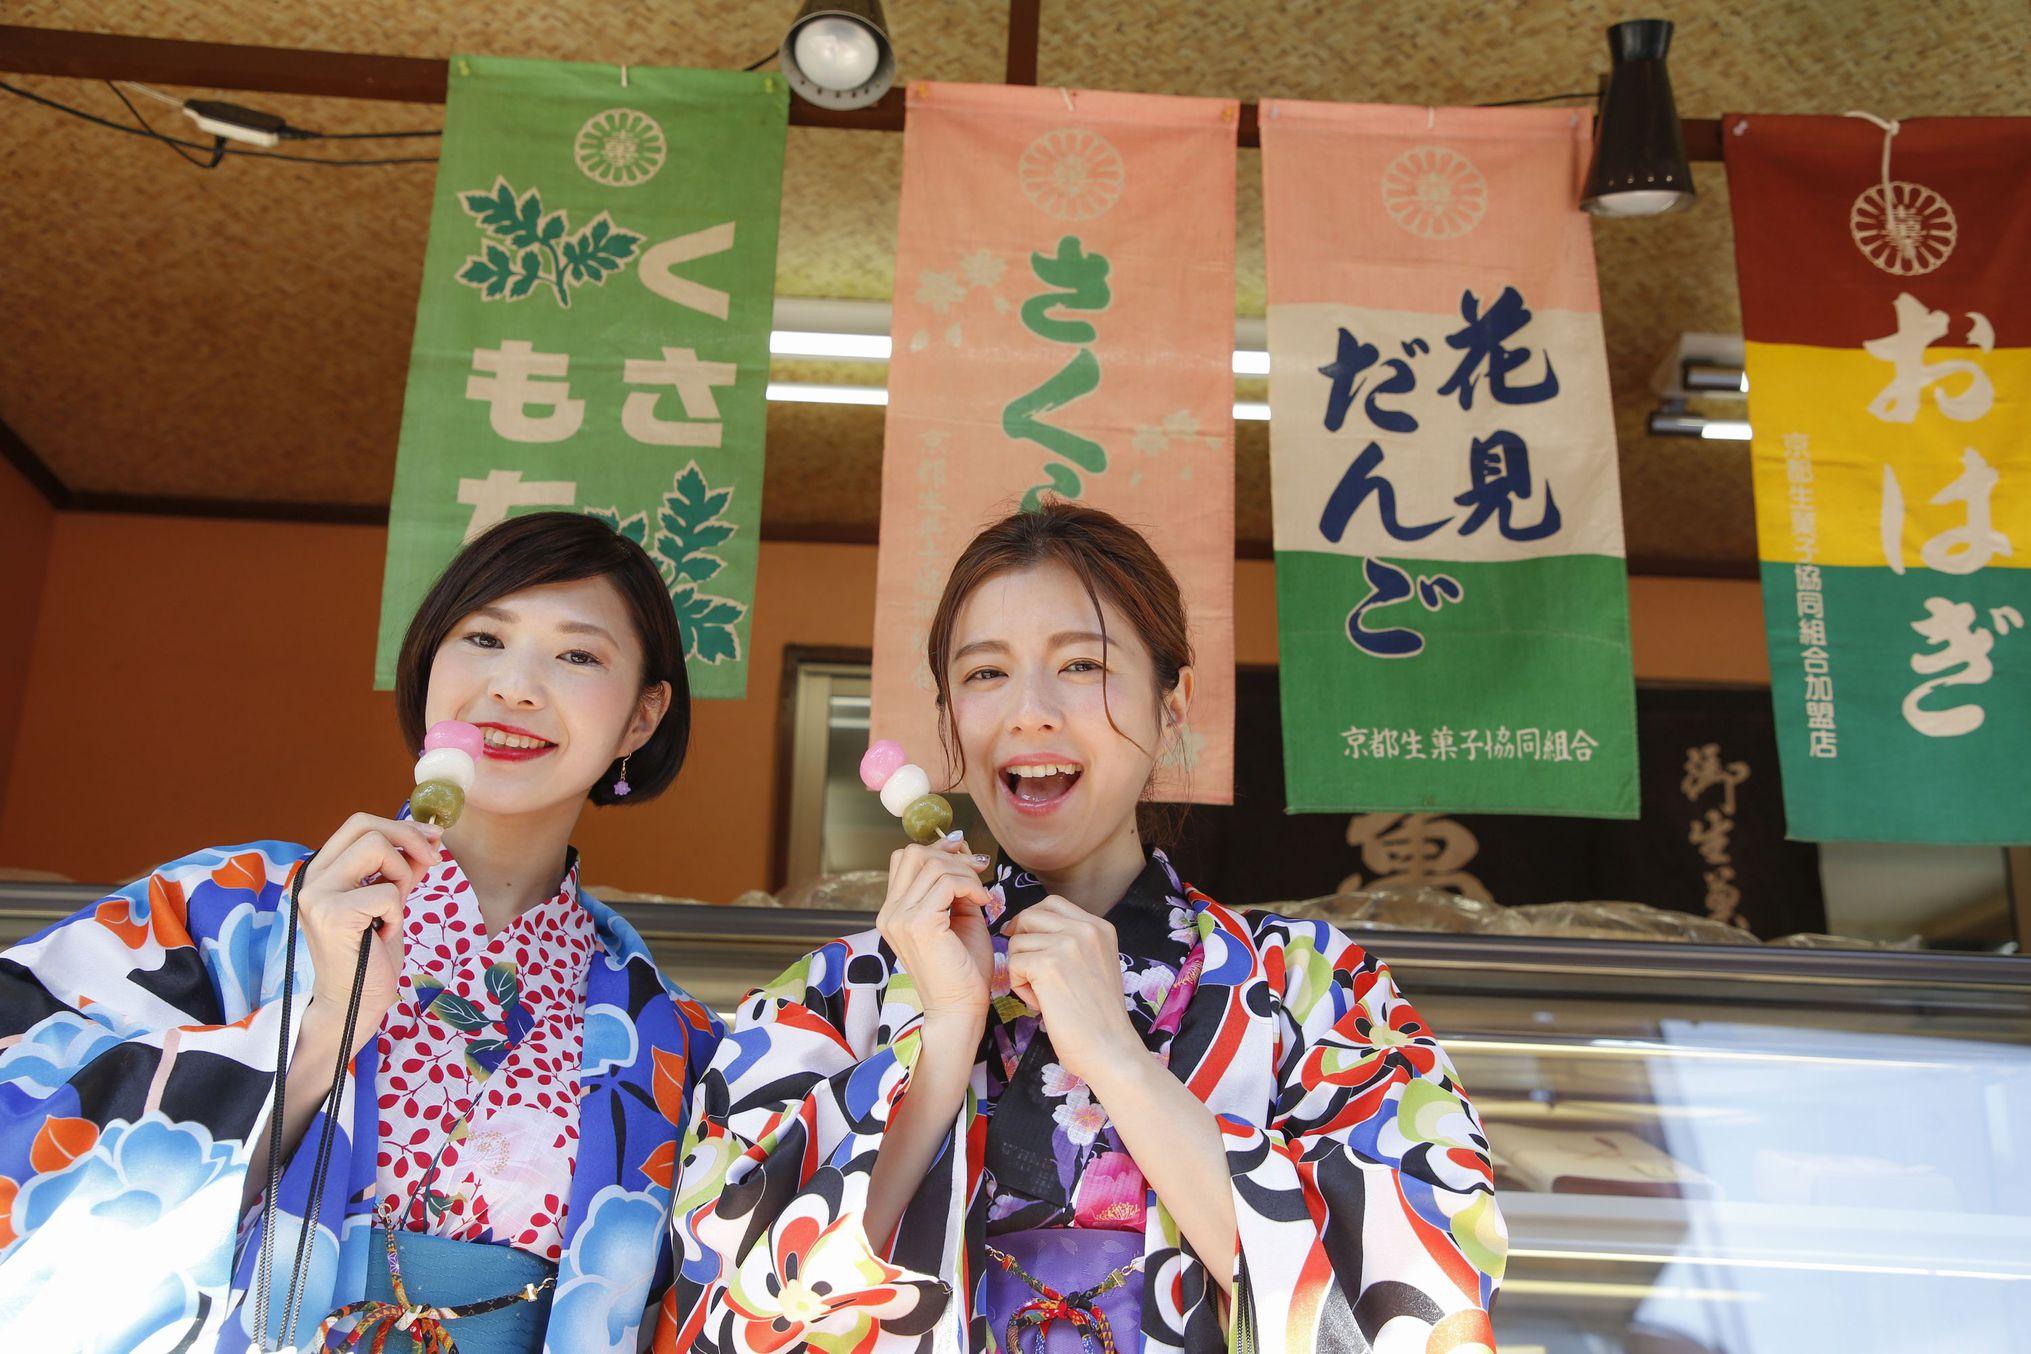 近所の松原通り商店街の和菓子屋「亀山」さん。葛餅やお団子など美味しい♪